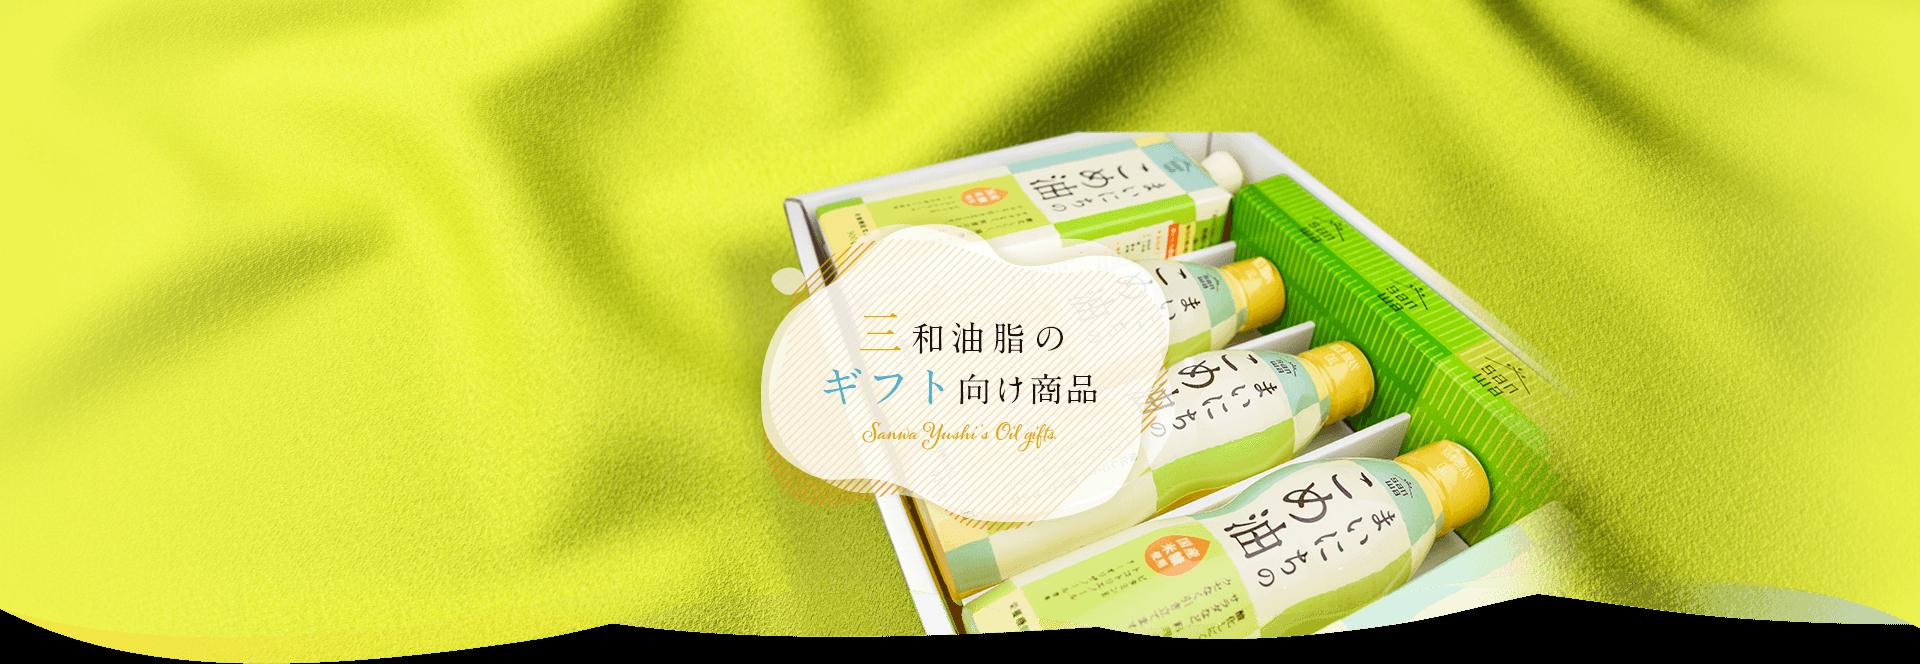 三和油脂のギフト向け商品|米油から健康的に【三和油脂株式会社】